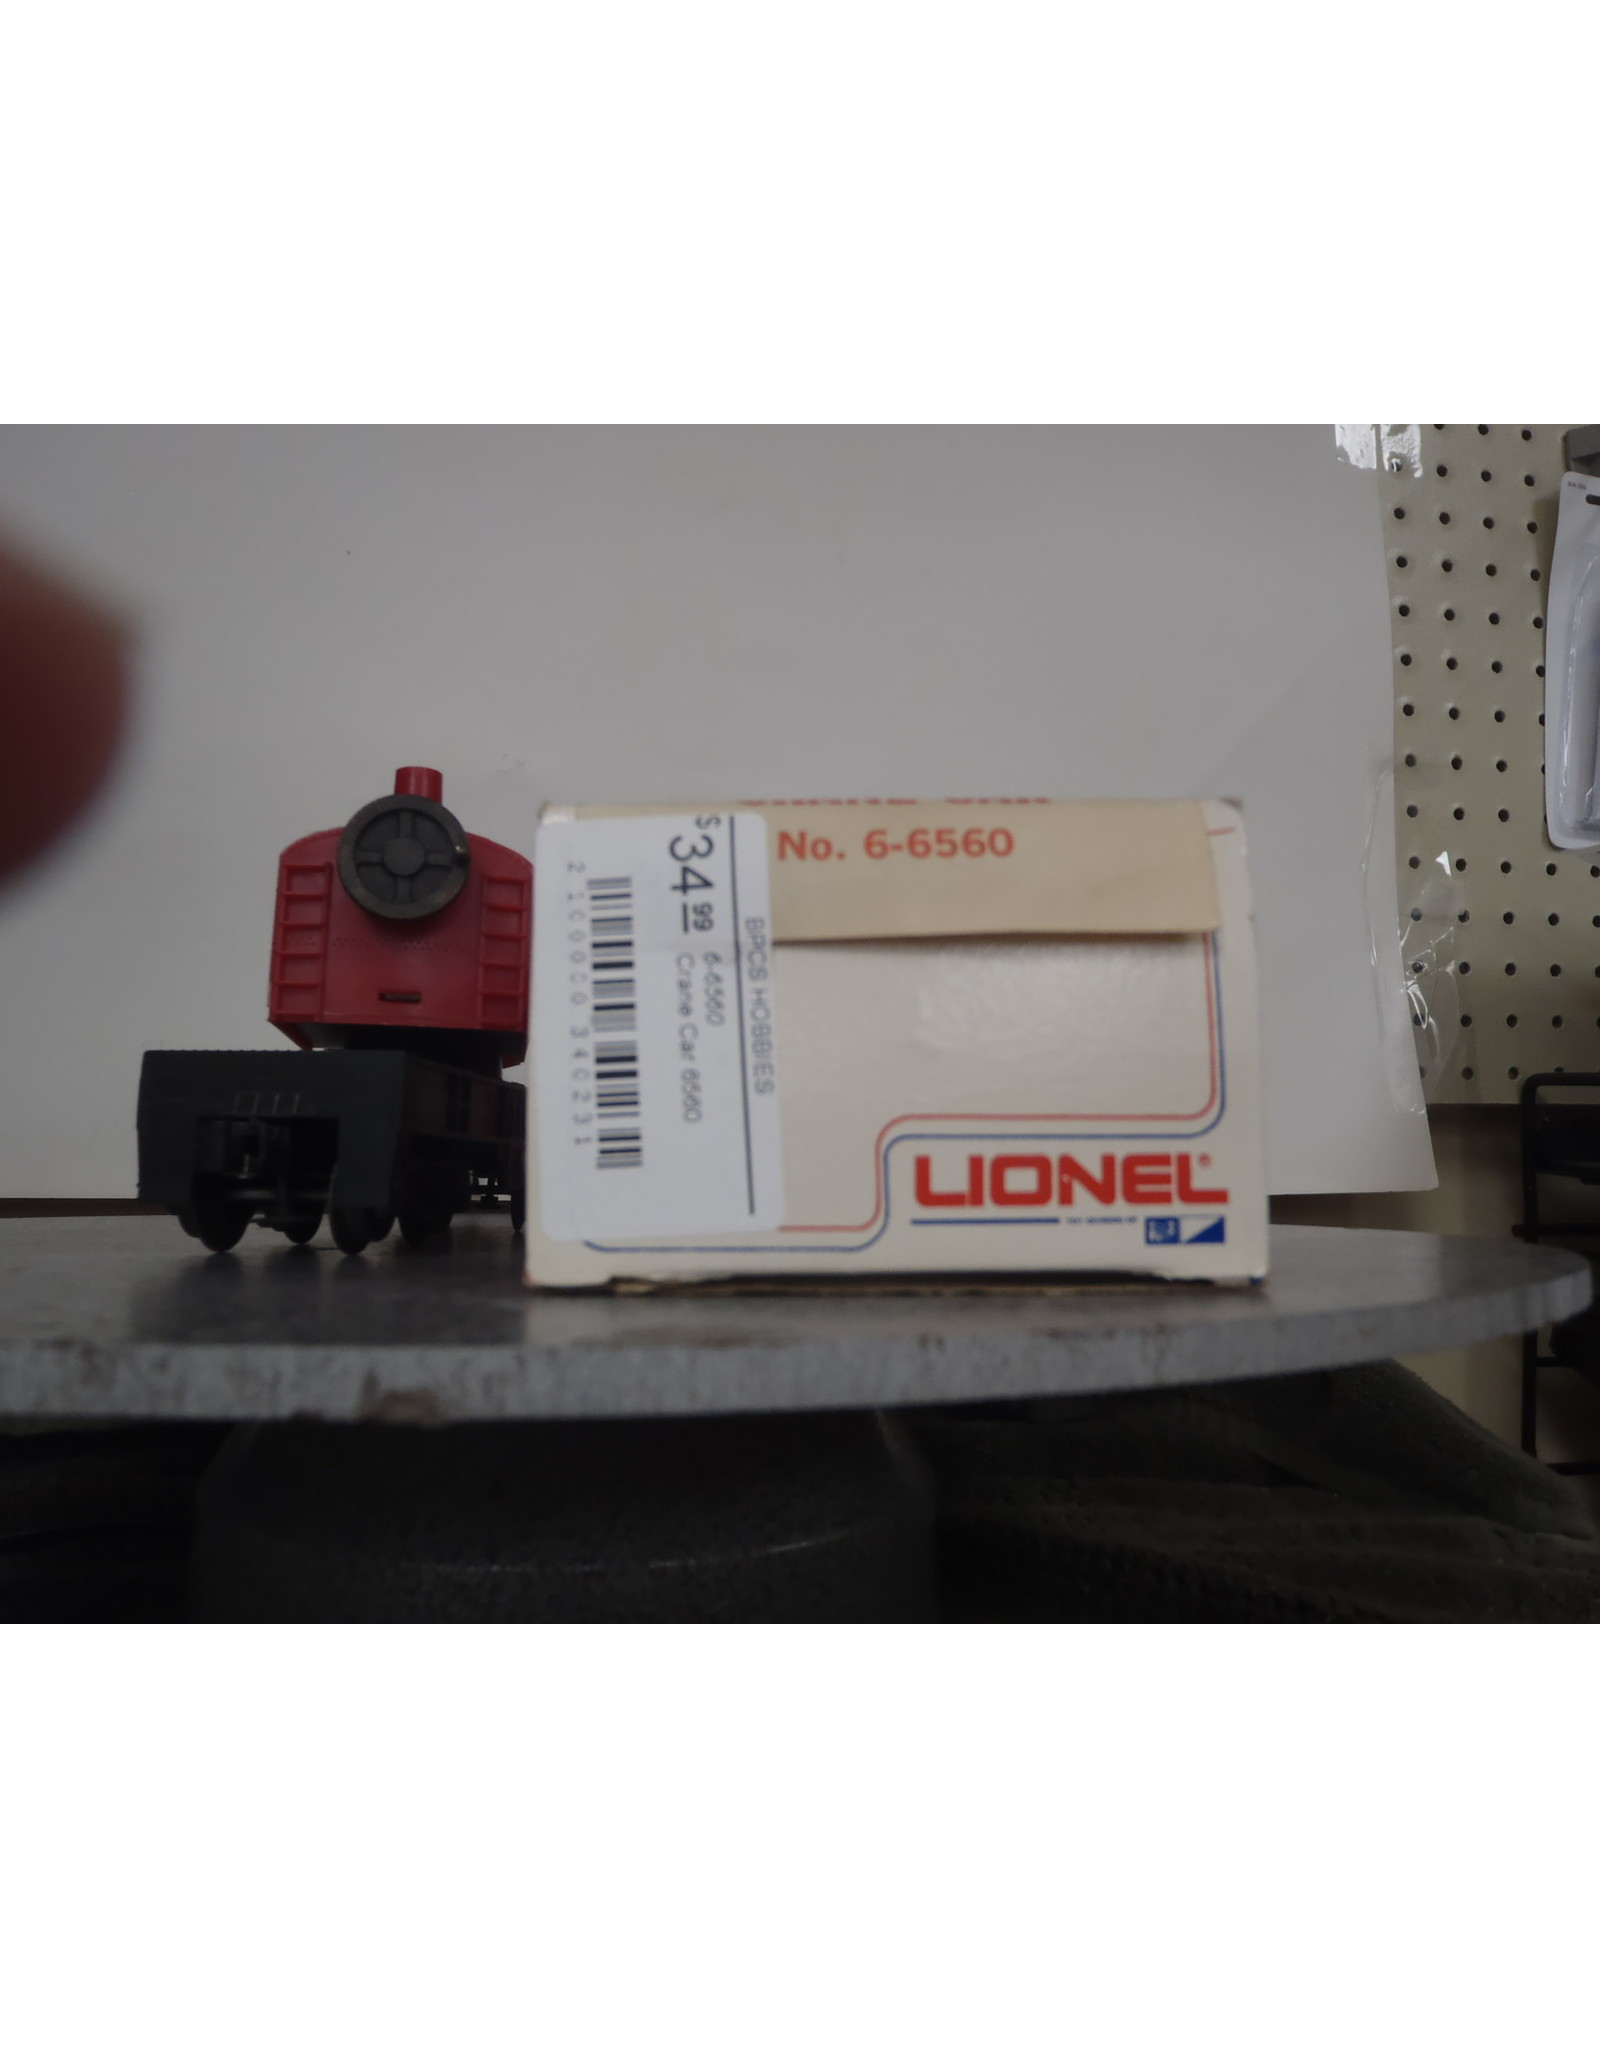 Lionel Crane Car 6560